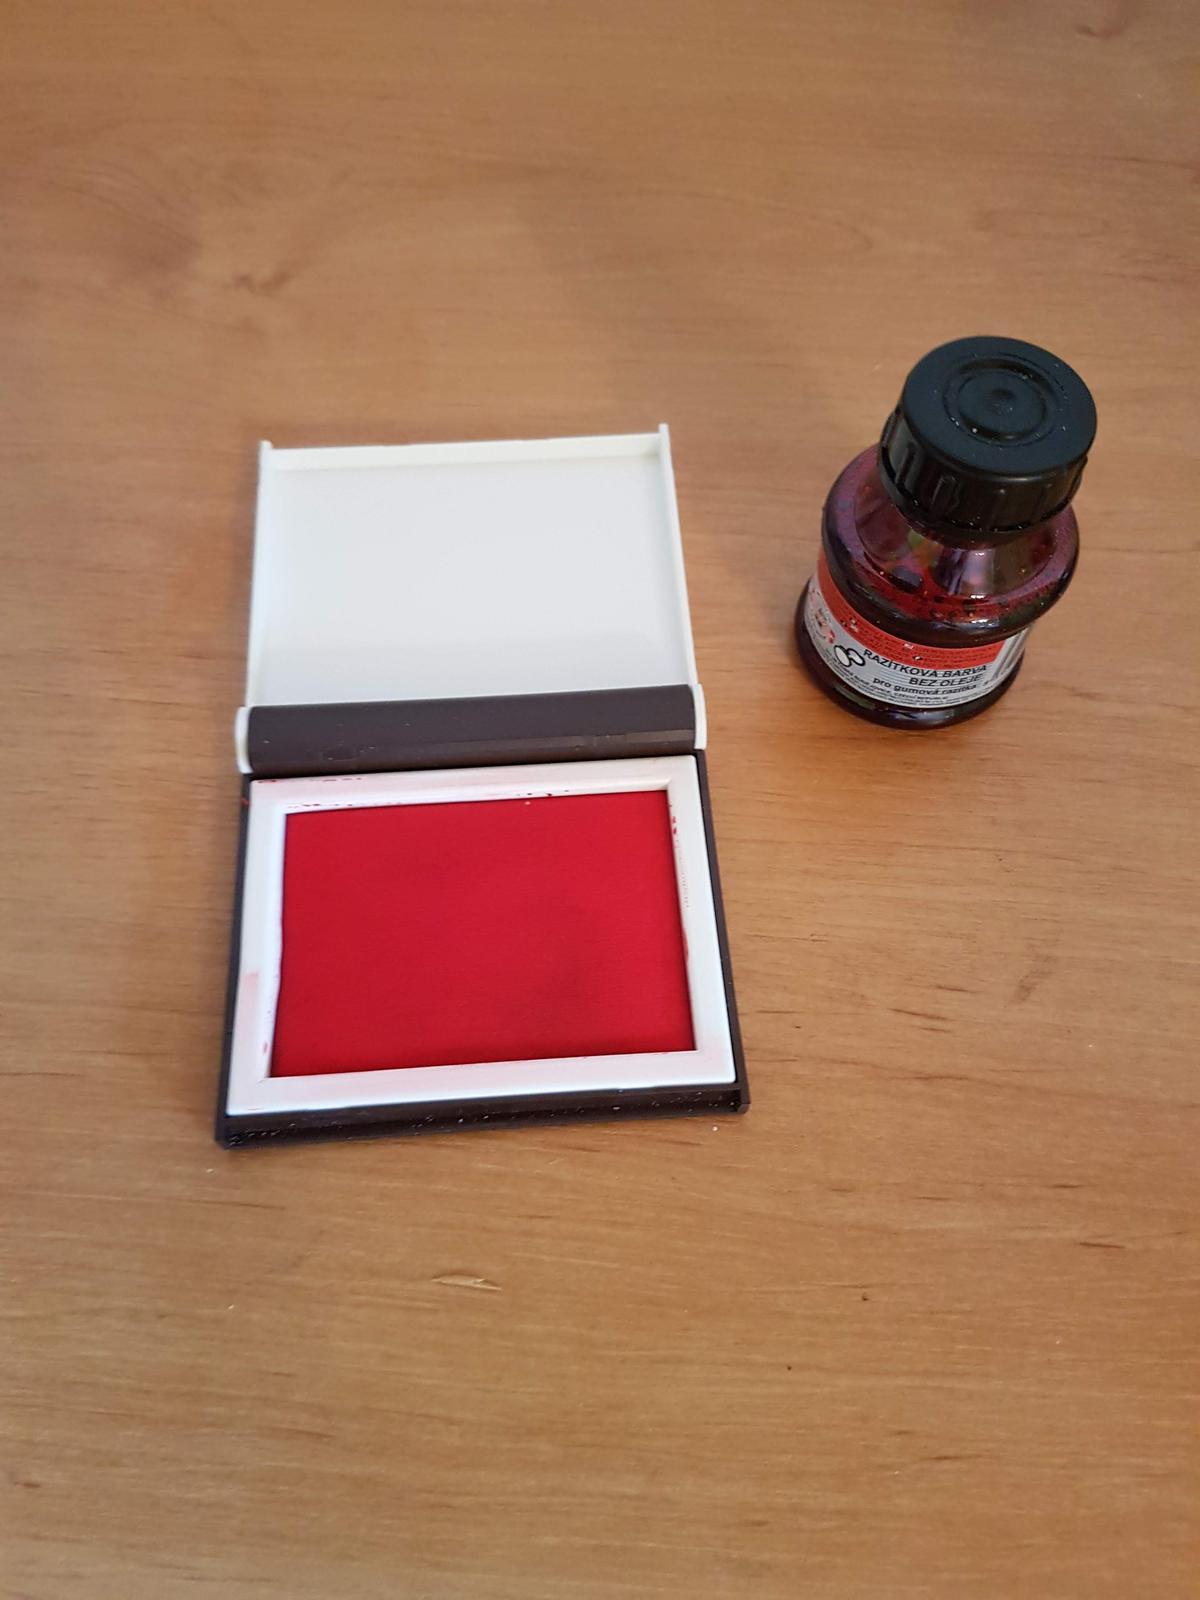 razítková barva s polštářkem  - Obrázek č. 1